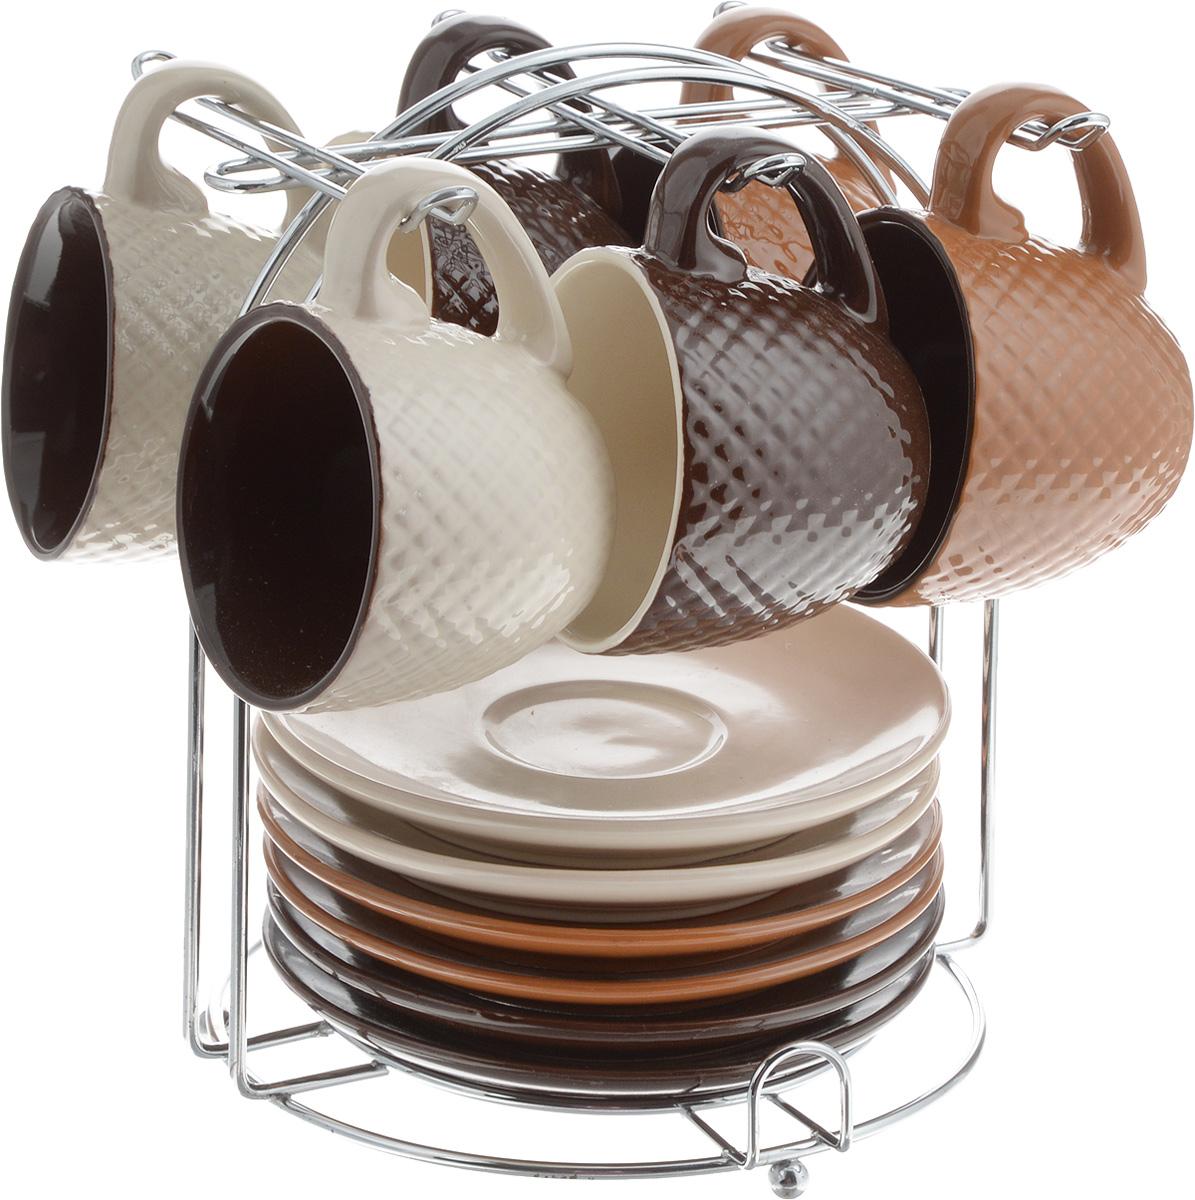 Набор кофейный Loraine, на подставке, 90 мл, 13 предметов. 2466724667Кофейный набор Loraine состоит из 6 чашек и 6 блюдец, выполненных из высококачественного керамики. Изящный дизайн придется по вкусу и ценителям классики, и тем, кто предпочитает утонченность и изысканность. Он настроит на позитивный лад и подарит хорошее настроение с самого утра. Изделия расположены на металлической подставке. Диаметр блюдца: 11,5 см. Высота блюдца: 1,5 см. Диаметр чашки (по верхнему краю): 6,5 см. Высота чашки: 5 см. Объем чашки: 90 мл. Размер подставки: 15 х 15 х 17 см.